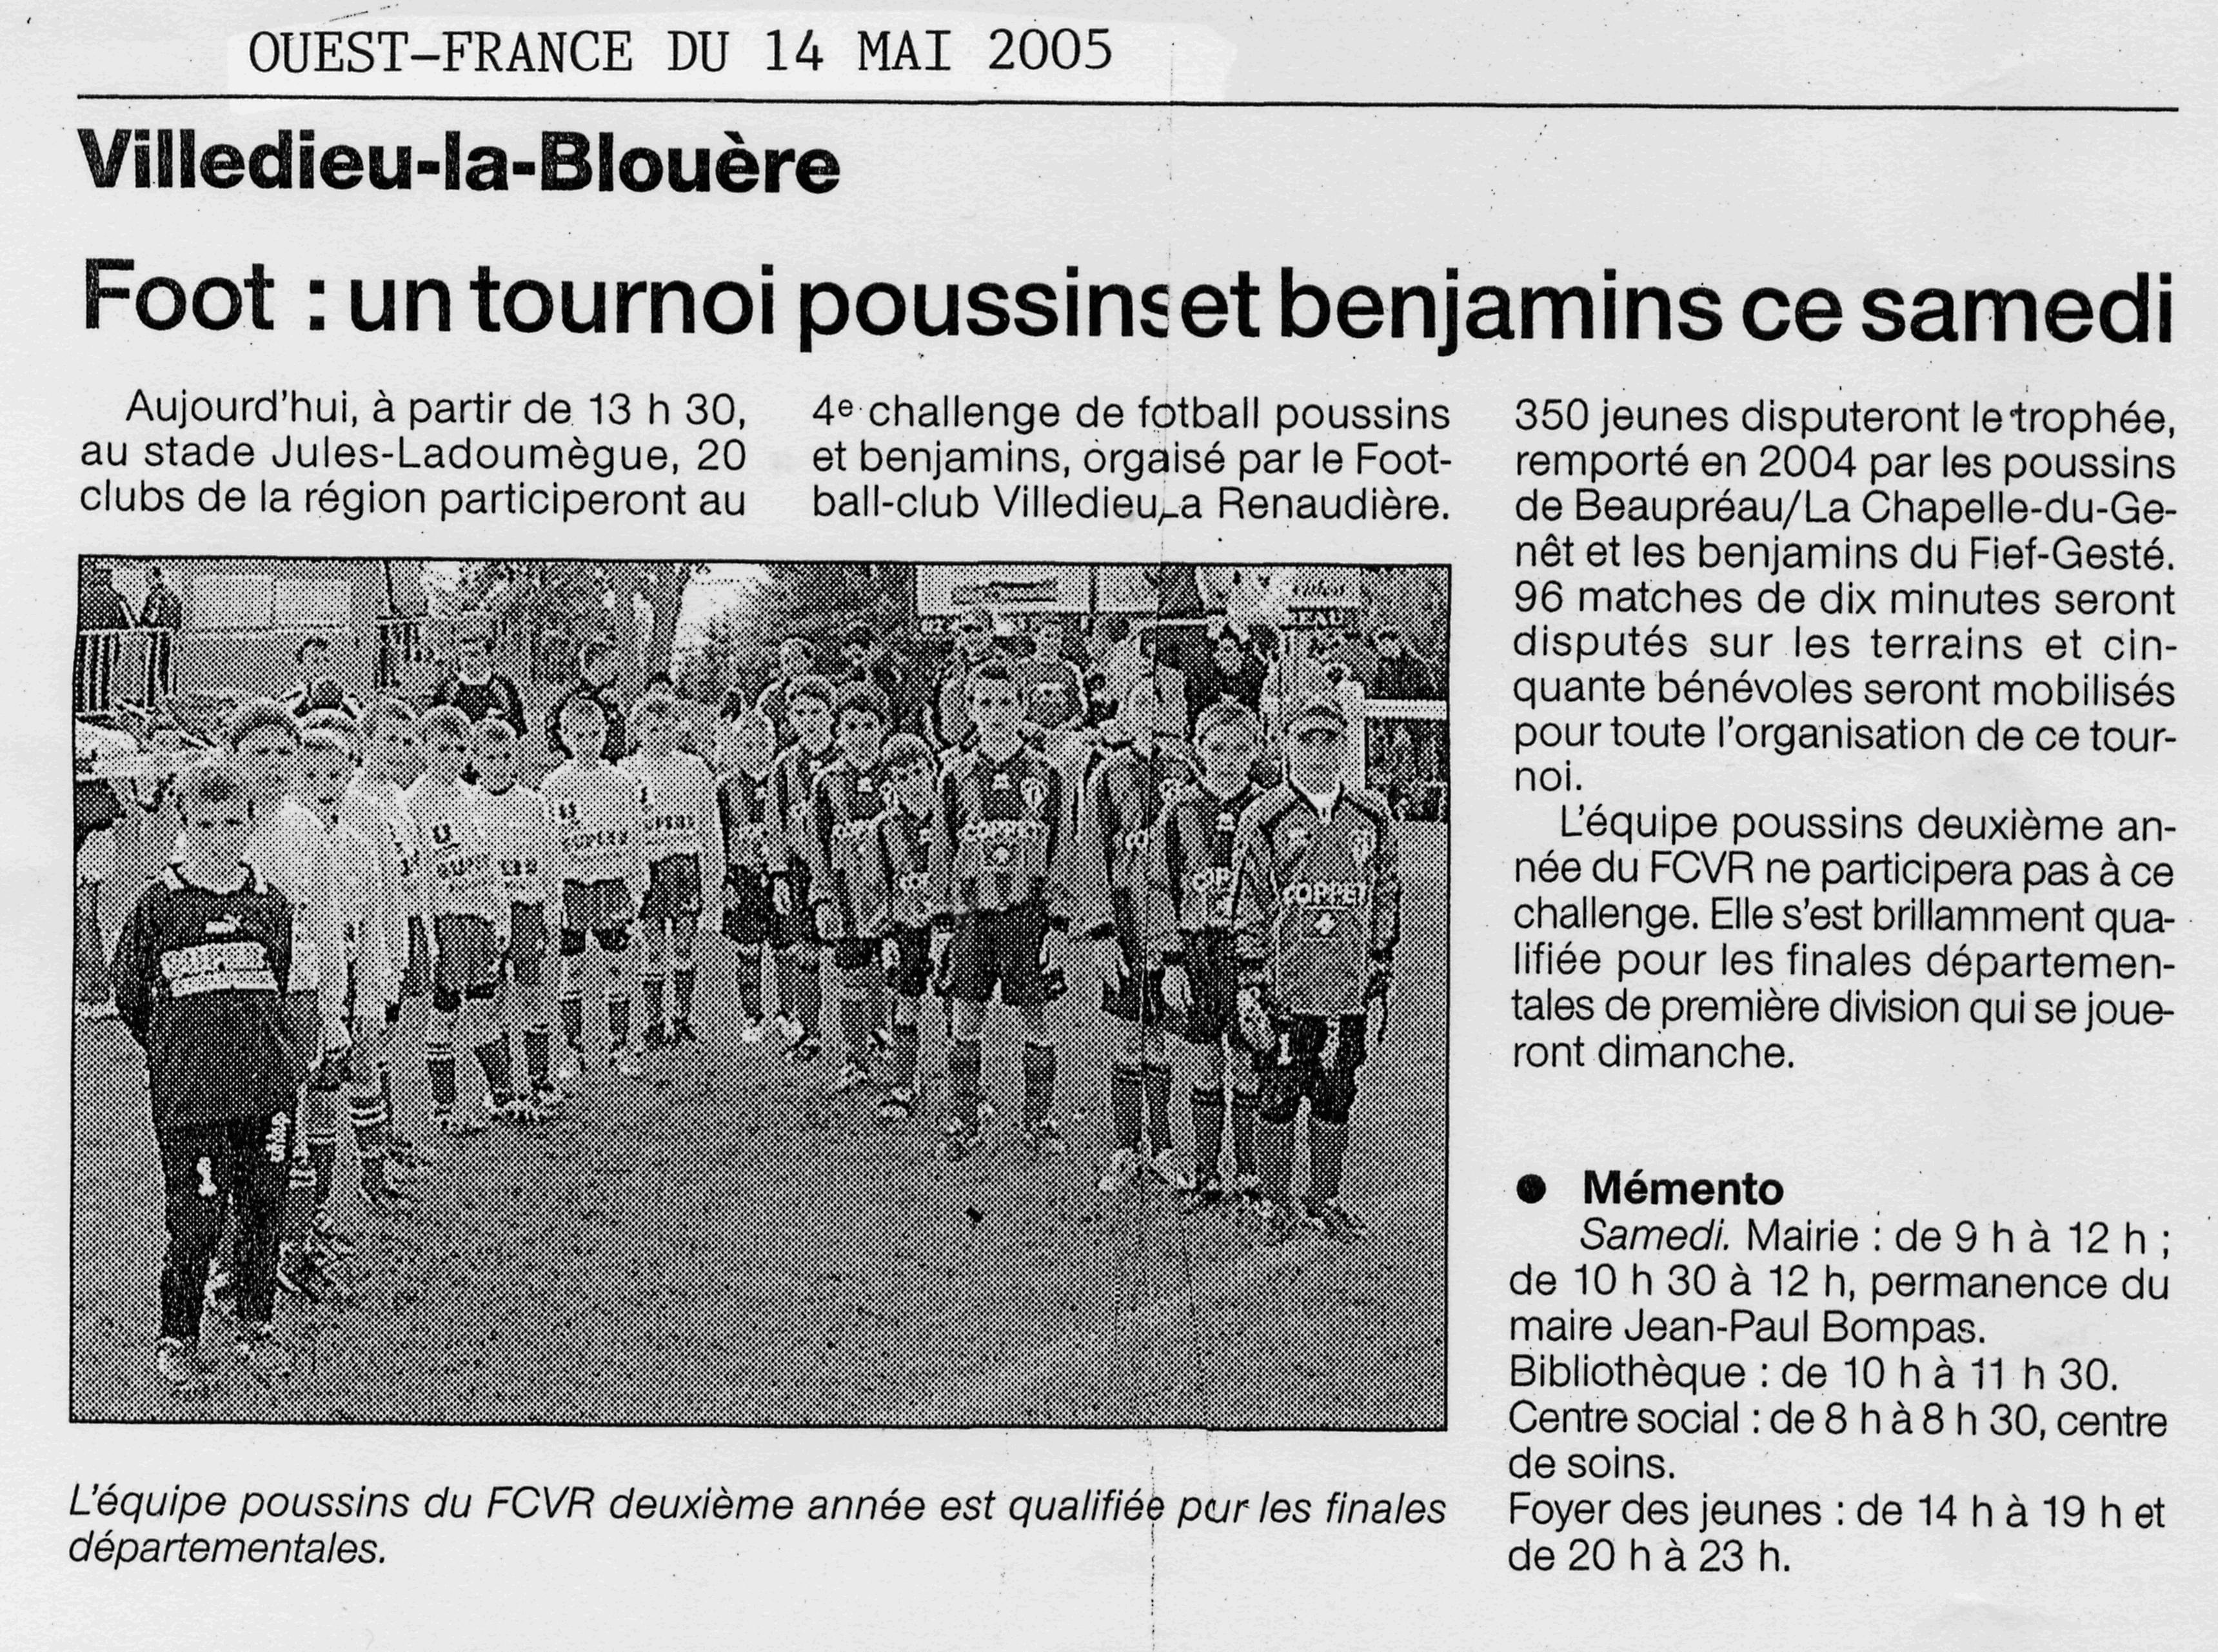 tournoi-pous-benj-2005-of-14-05-05